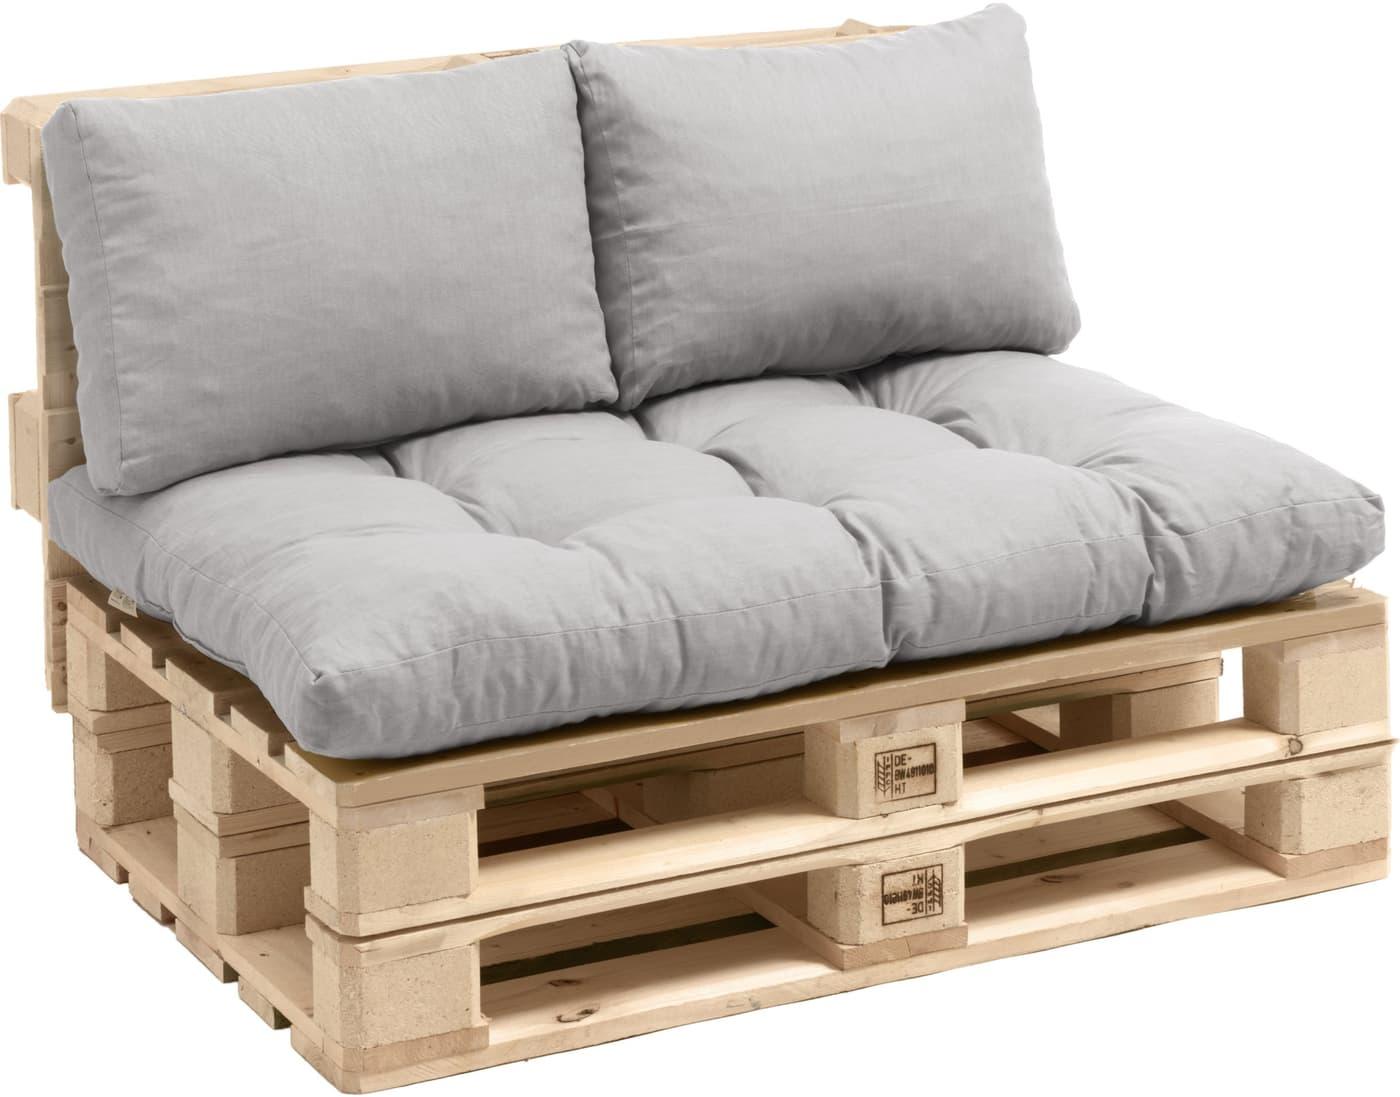 r ckenkissen f r paletten migros. Black Bedroom Furniture Sets. Home Design Ideas